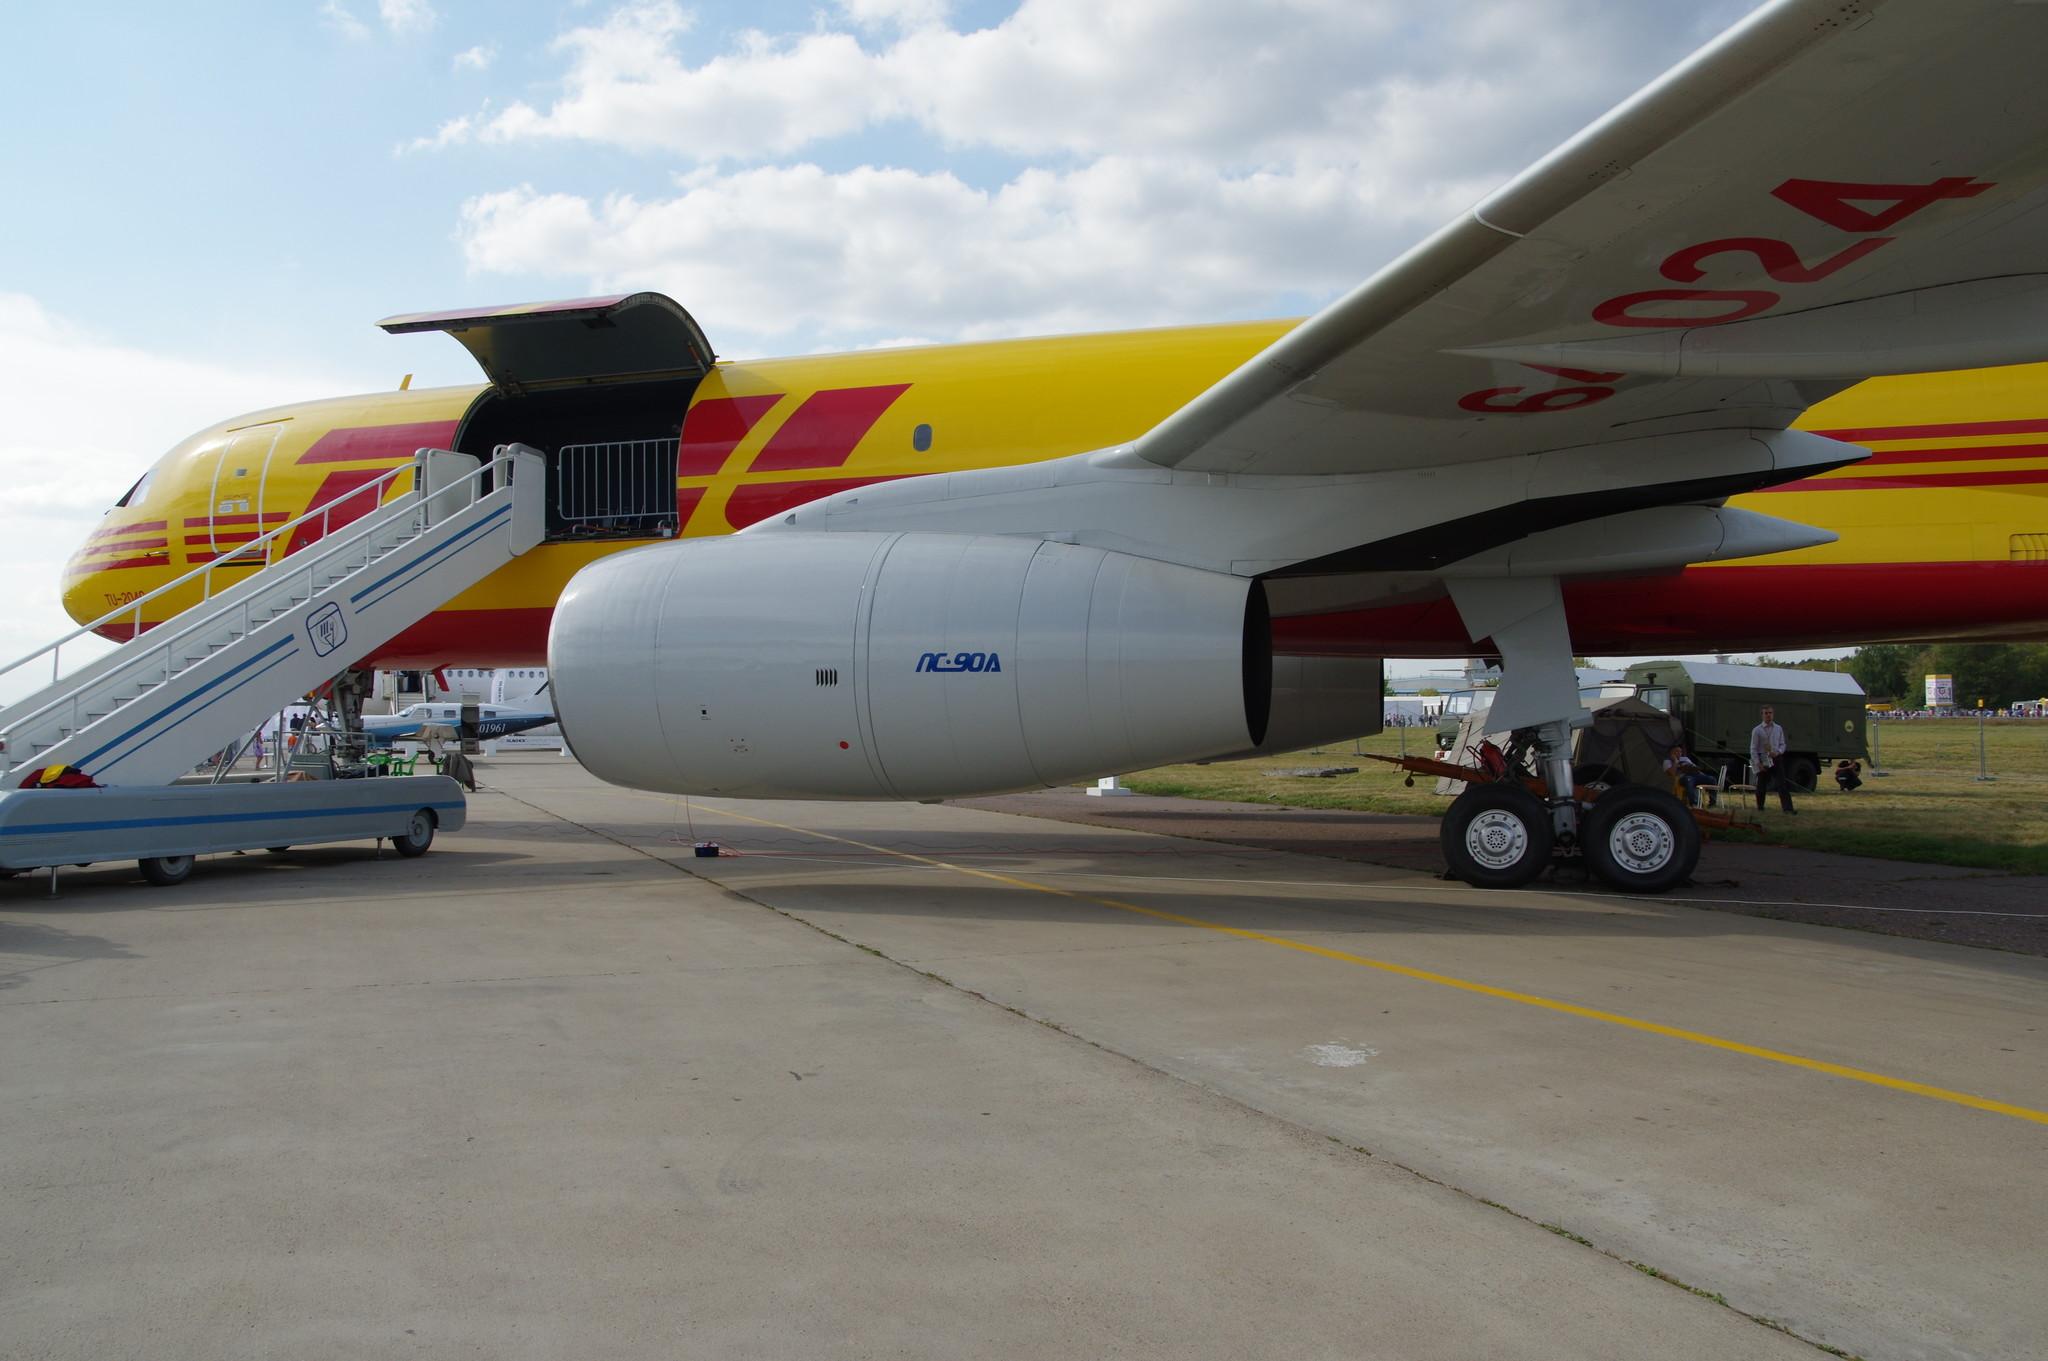 Грузовой среднемагистральный самолёт Ту-204С в цветах компании DHL